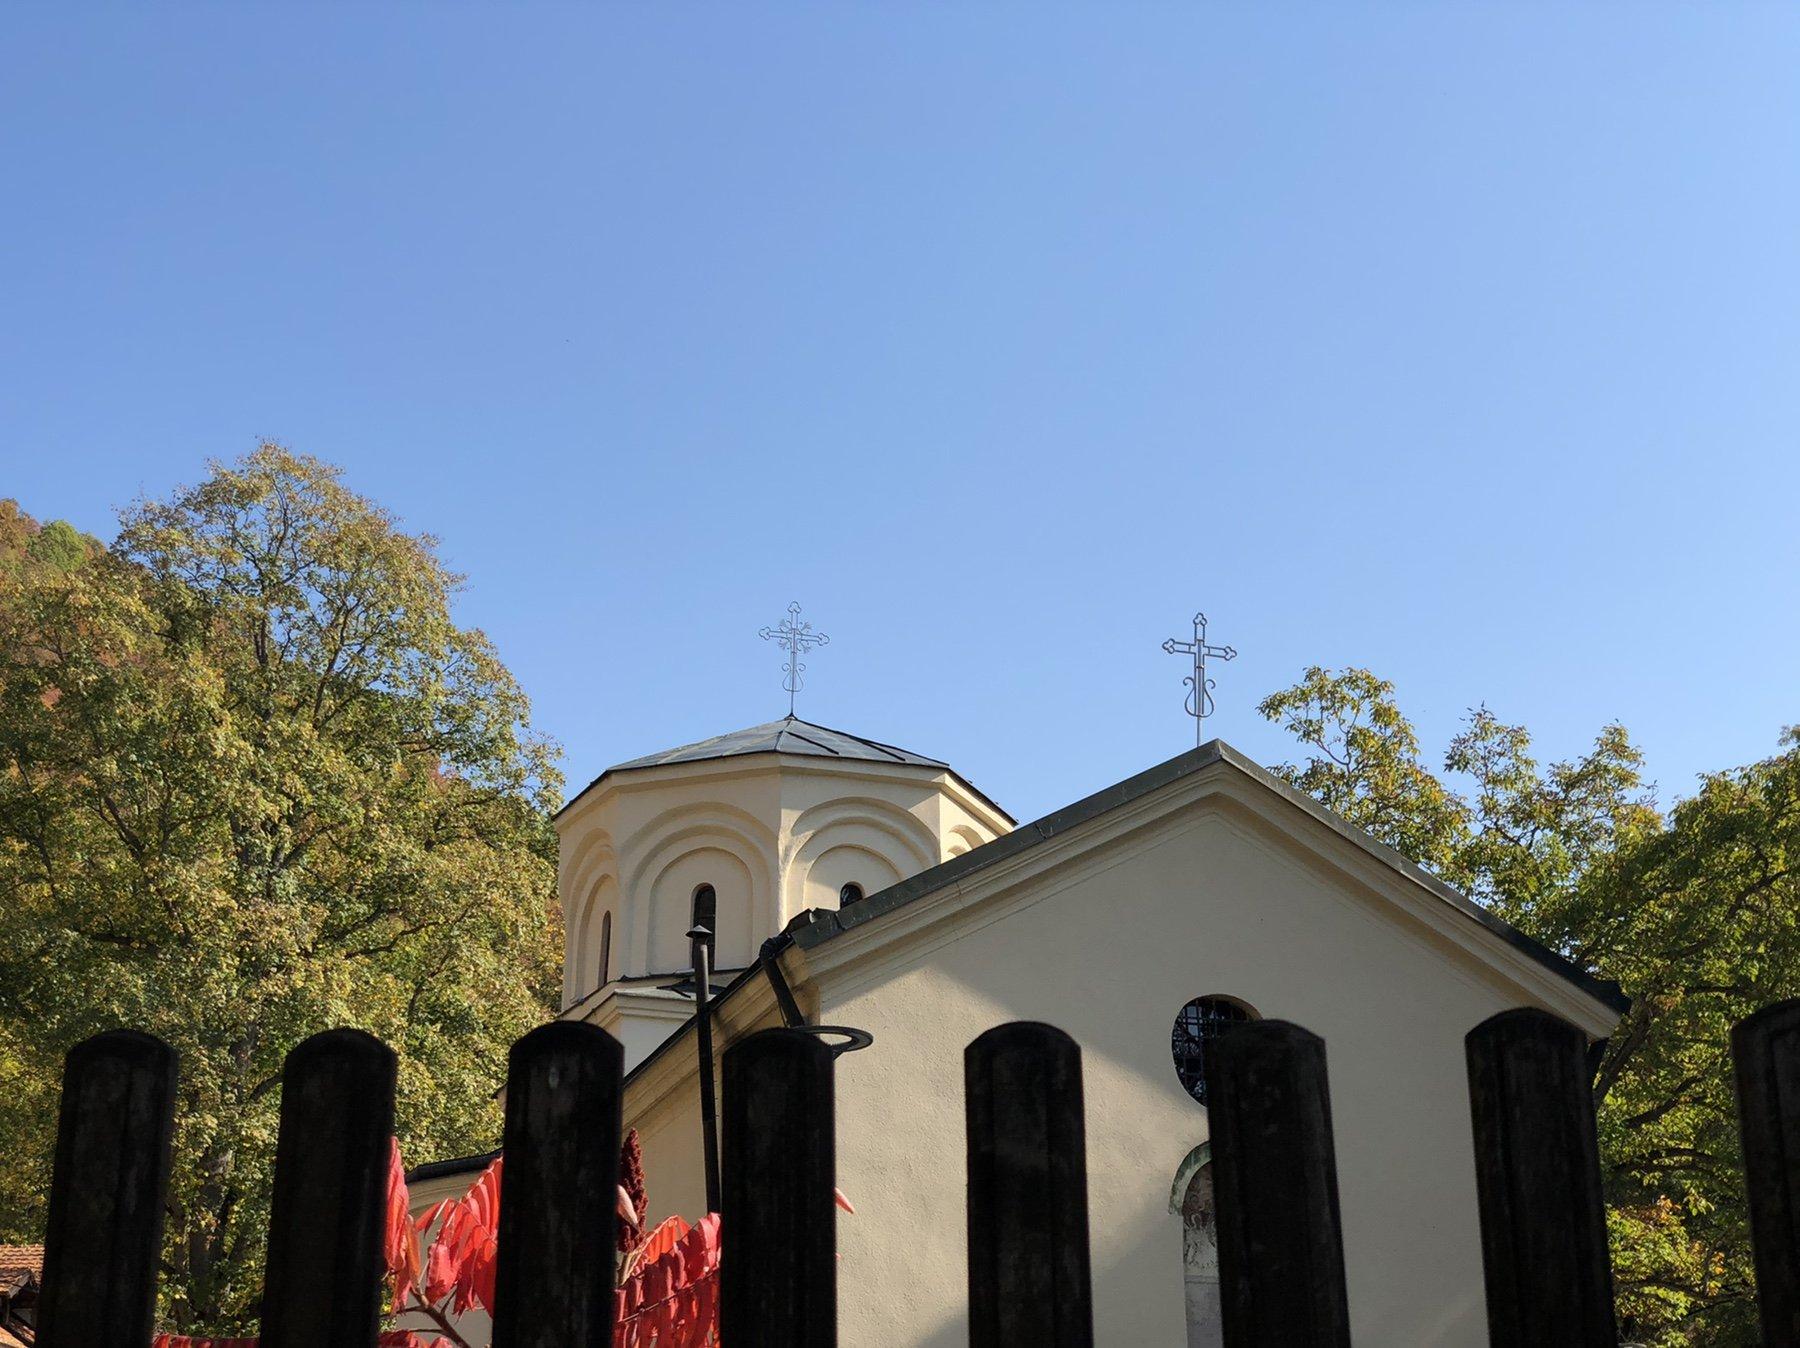 Manastir Svetog arhangela Gavrila Pirkovac, foto: Svrljiške novine